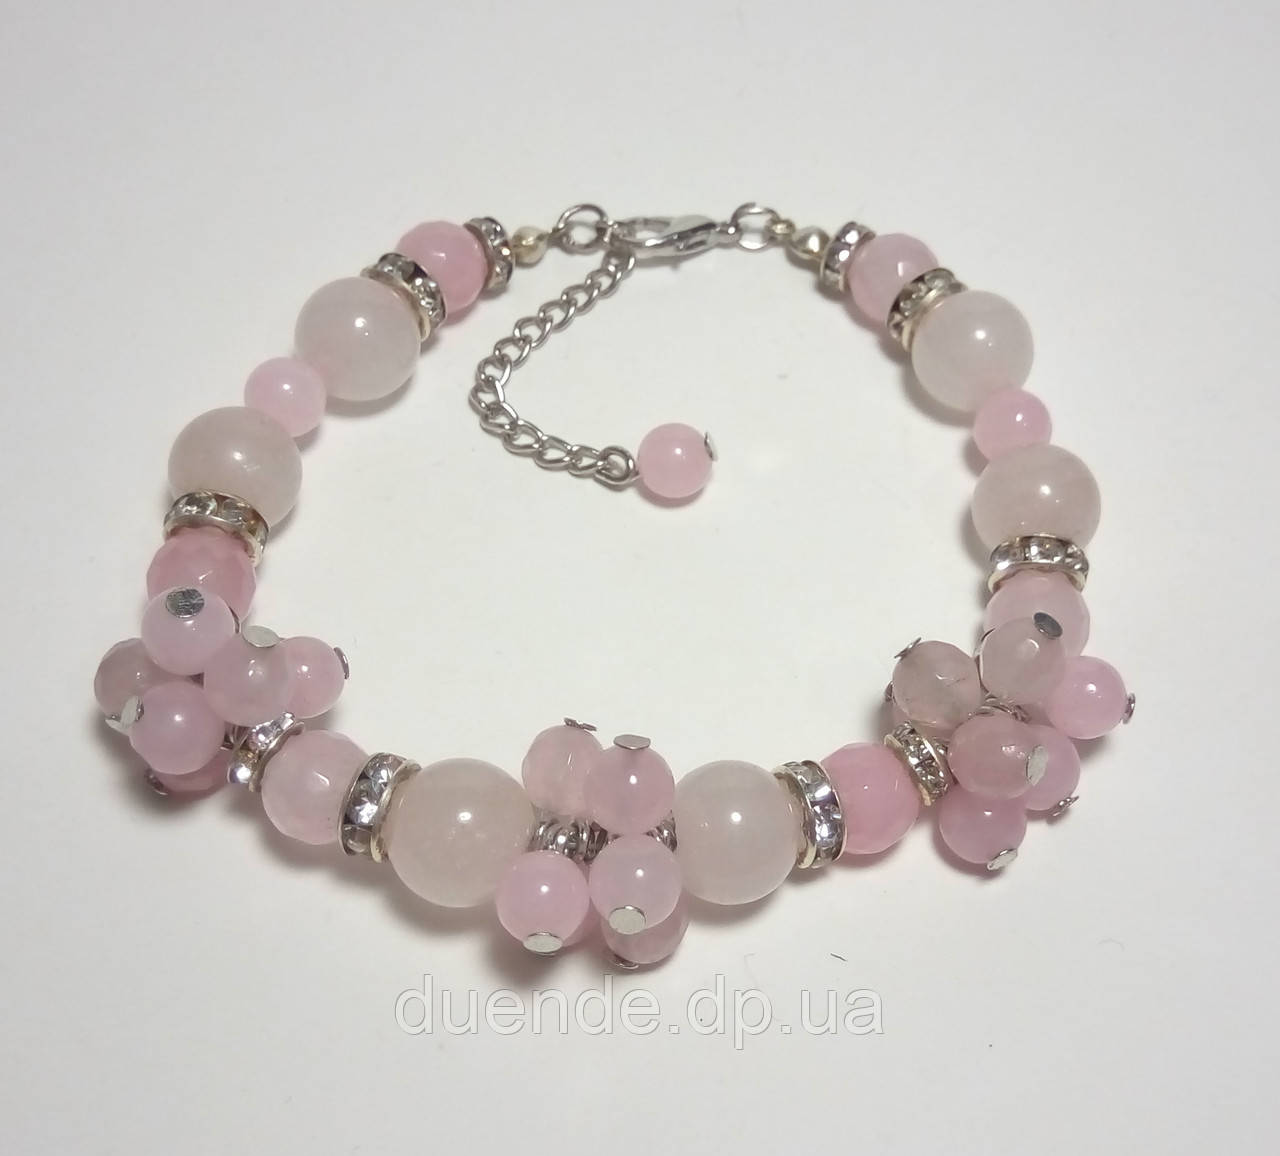 Браслет с Розовым кварцом, натуральный камень, цвет розовый и его оттенки, тм Satori \ Sb - 0061